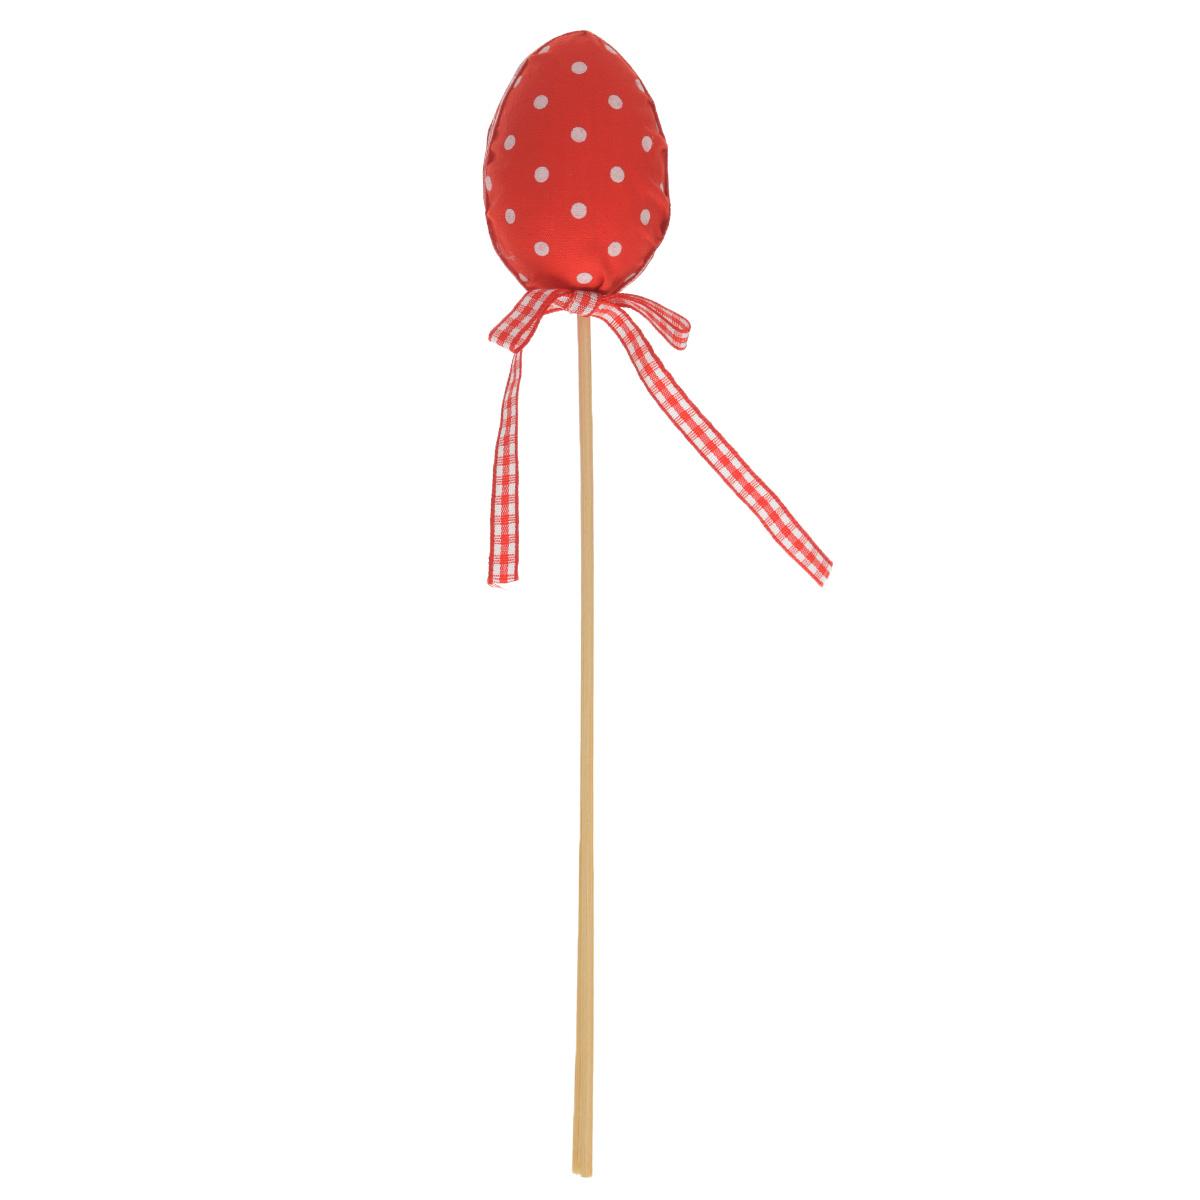 Декоративное пасхальное украшение на ножке Home Queen Яйцо с лентой, цвет: красный, высота 25 см64174_1Декоративное украшение Home Queen Яйцо с лентой выполнено из полиэстера в виде пасхального яйца на деревянной ножке, декорированного принтом горох. Изделие украшено текстильной лентой. Такое украшение прекрасно дополнит подарок для друзей или близких на Пасху. Высота: 25 см. Размер яйца: 6 см х 4 см.